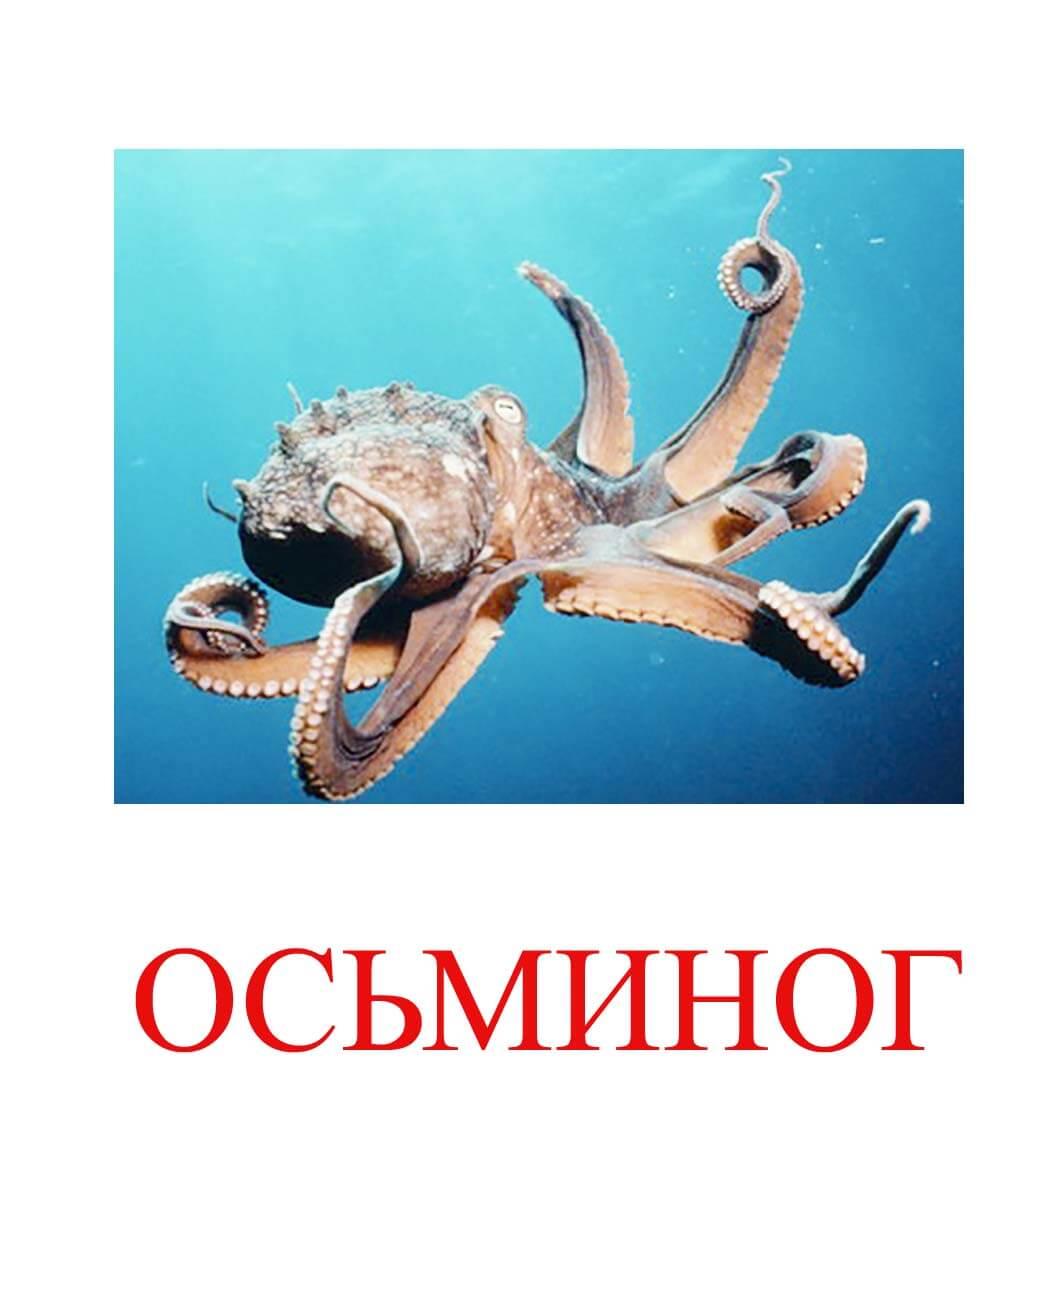 осьминог картинки для детей